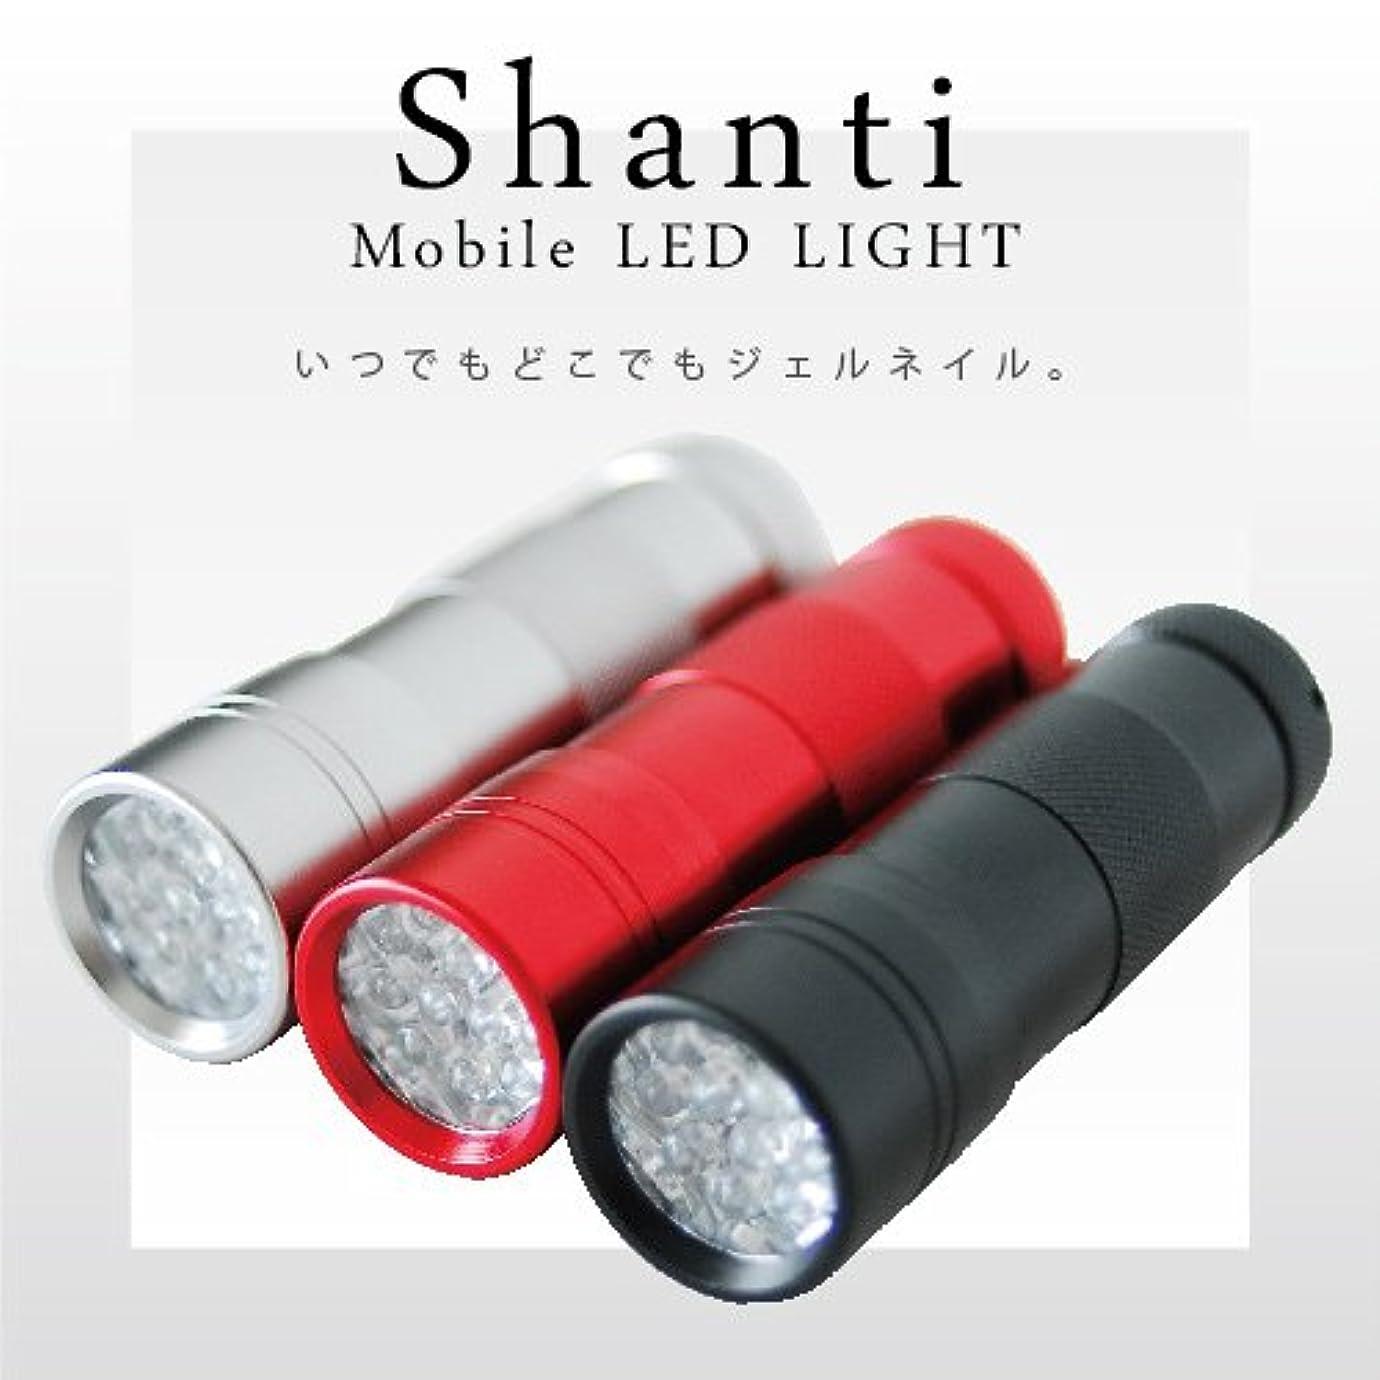 スタンドみがきます対応するジェルネイル用UVライト ペン型LEDライト Shanti Mobile LED ペン型ポータブルLEDライト カラー:ブラック  携帯用ハンドライト